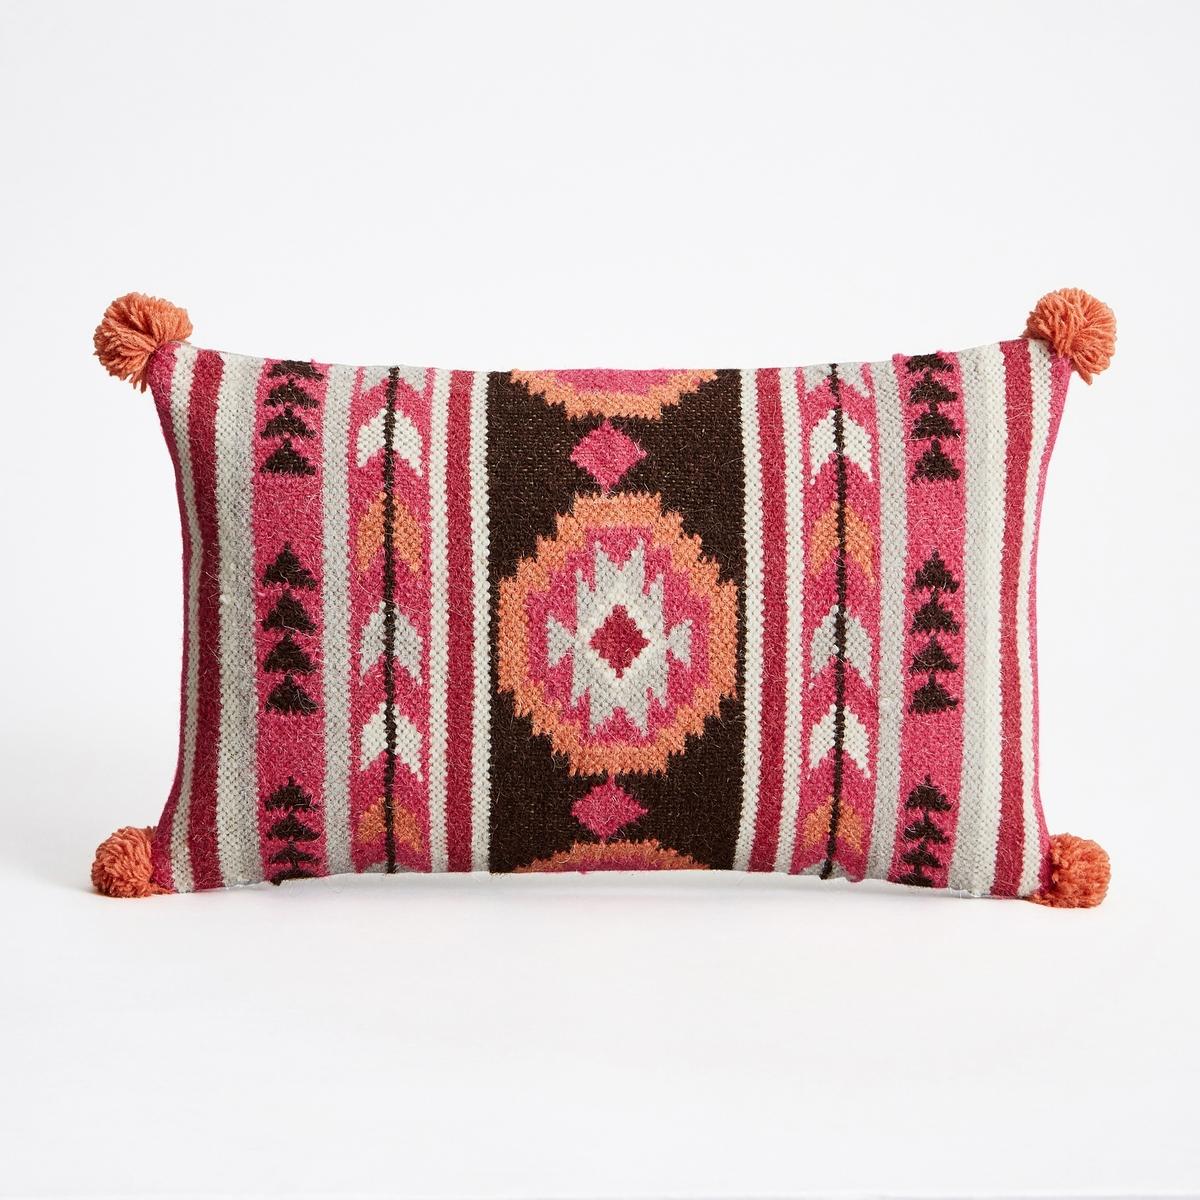 Чехол для подушки TiraumeaЧехол для подушки с тканым ковровым рисунком в стиле килим Tiraumea. Застежка на молнию.Состав:- Лицевая сторона: 80% шерсти, 20% хлопка, оборотная сторона однотонная, из 100% хлопка. Размеры :- 50 x 30 см.Подушка продается отдельно на сайте.<br><br>Цвет: разноцветный<br>Размер: 50 x 30 см